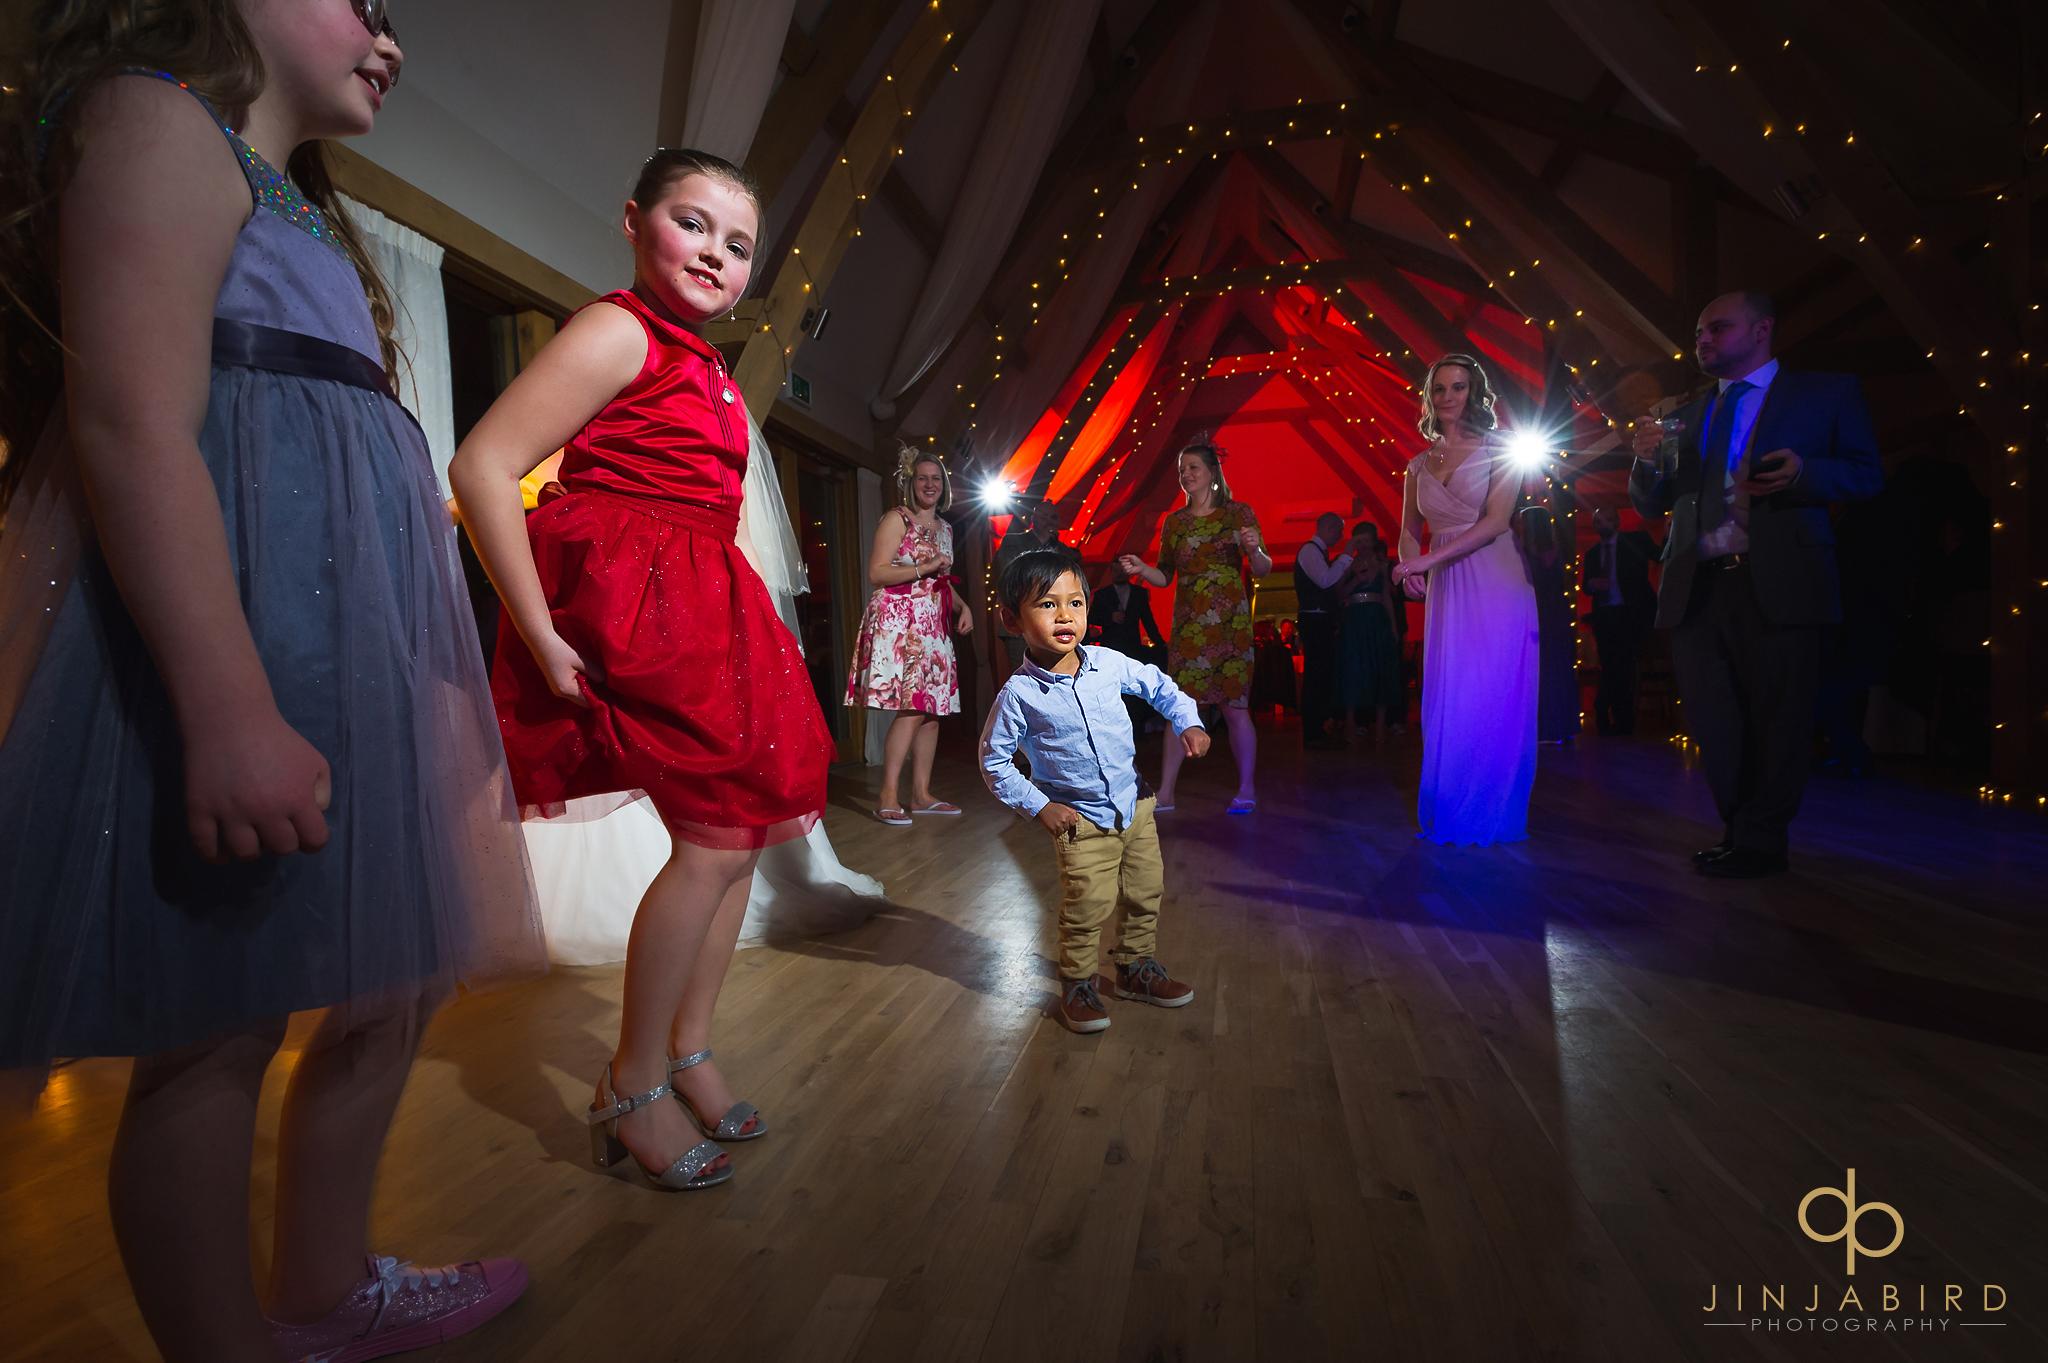 small-boy-dancing-at-wedding